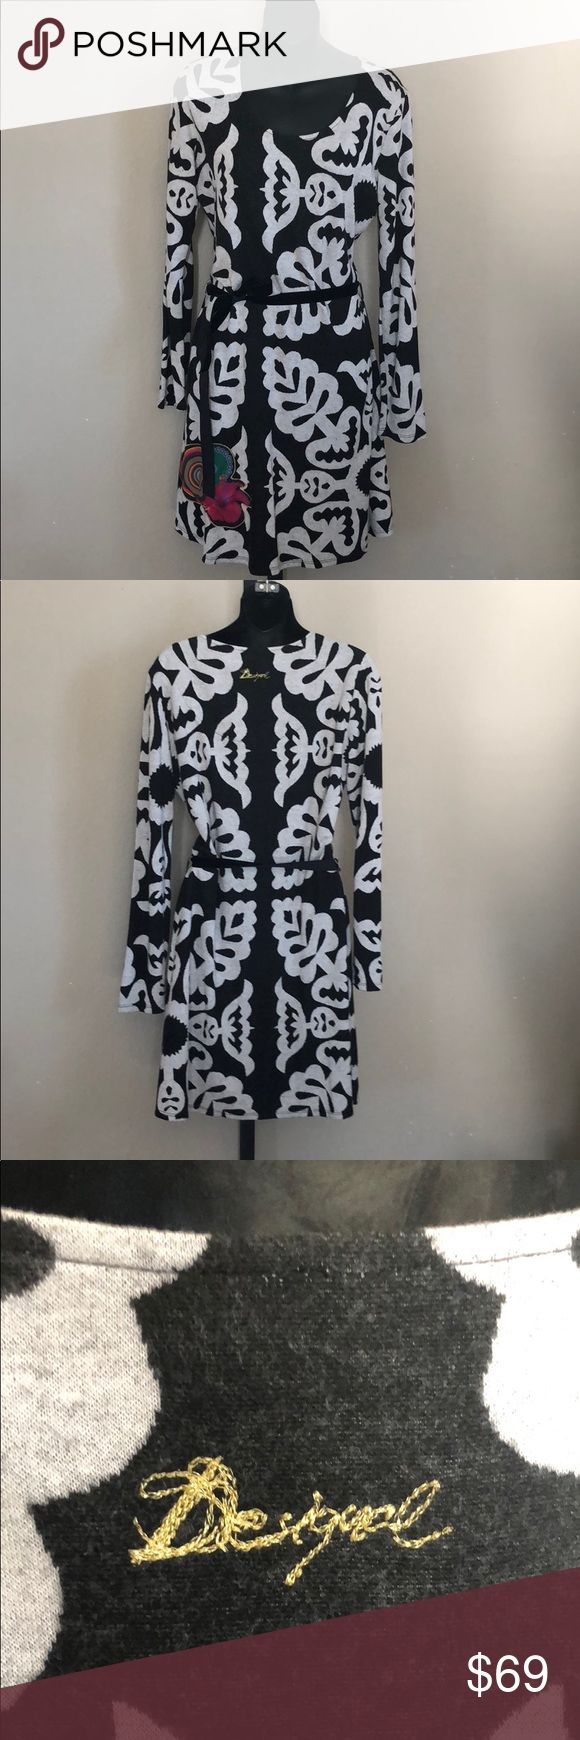 I just added this listing on Poshmark: Desigual black and white cozy dress. #shopmycloset #poshmark #fashion #shopping #style #forsale #Desigual #Dresses & Skirts